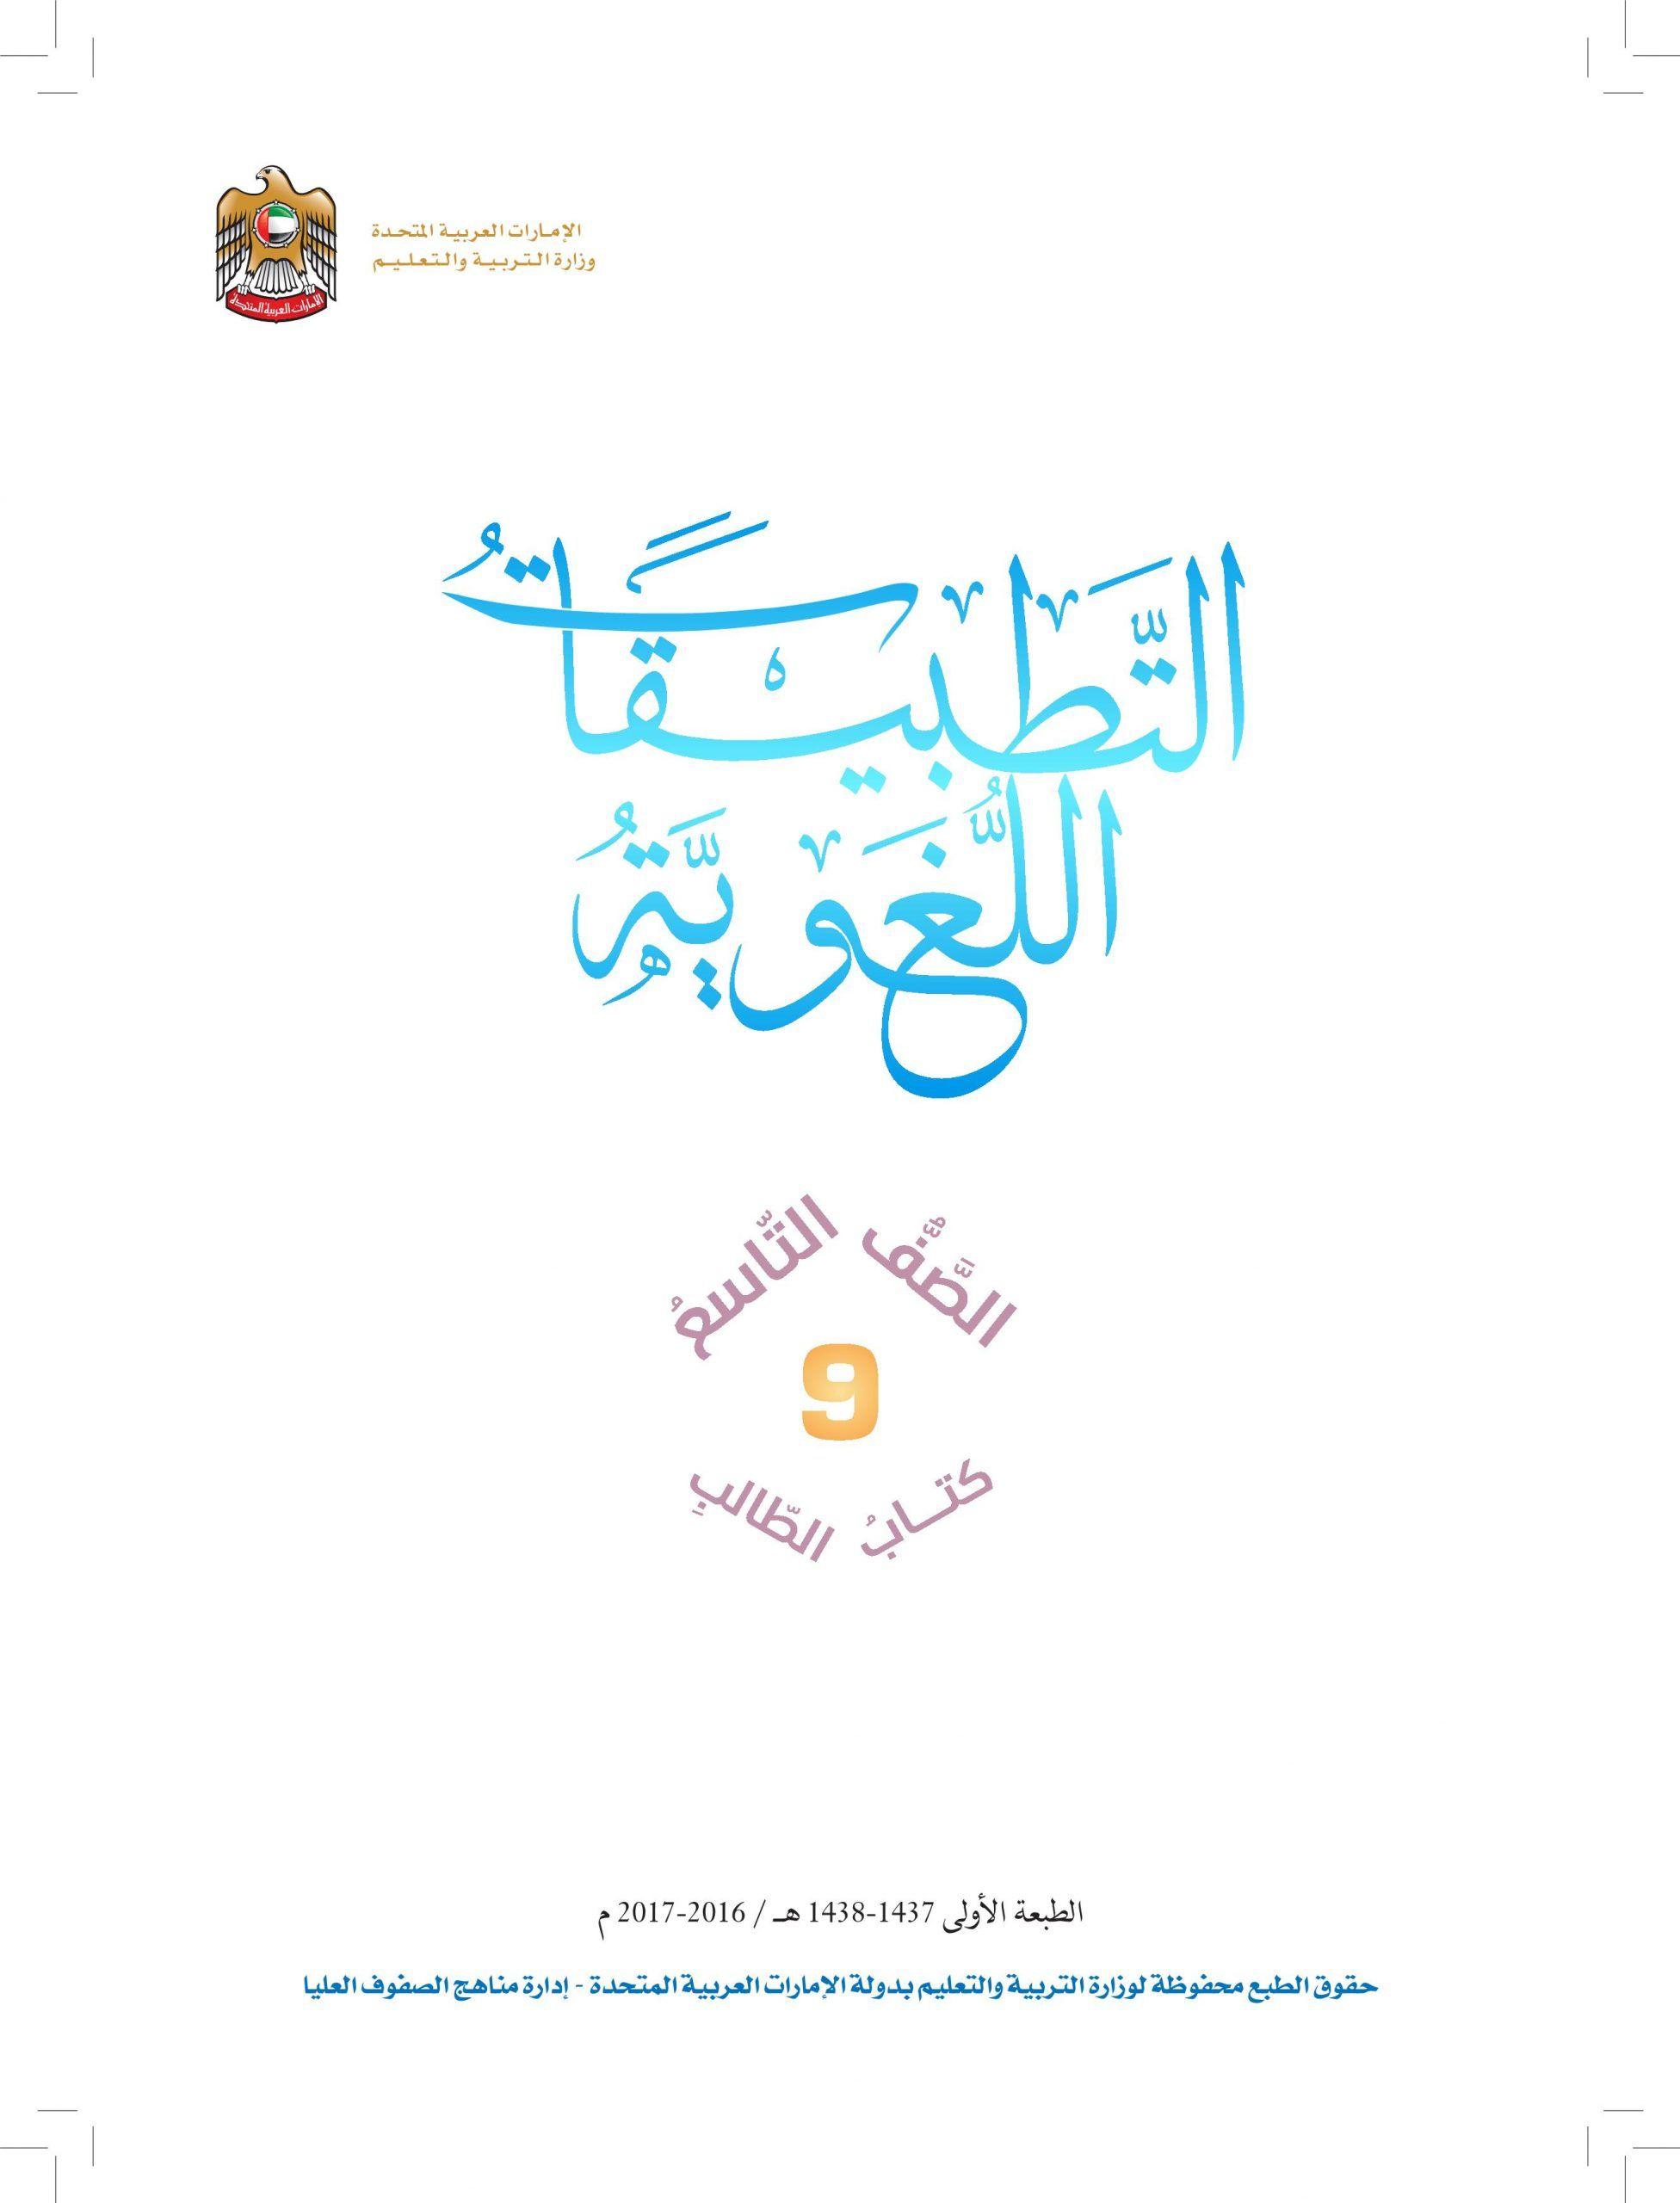 كتاب الطالب التطبيقات اللغوية للصف التاسع مادة اللغة العربية Home Decor Decals Decor